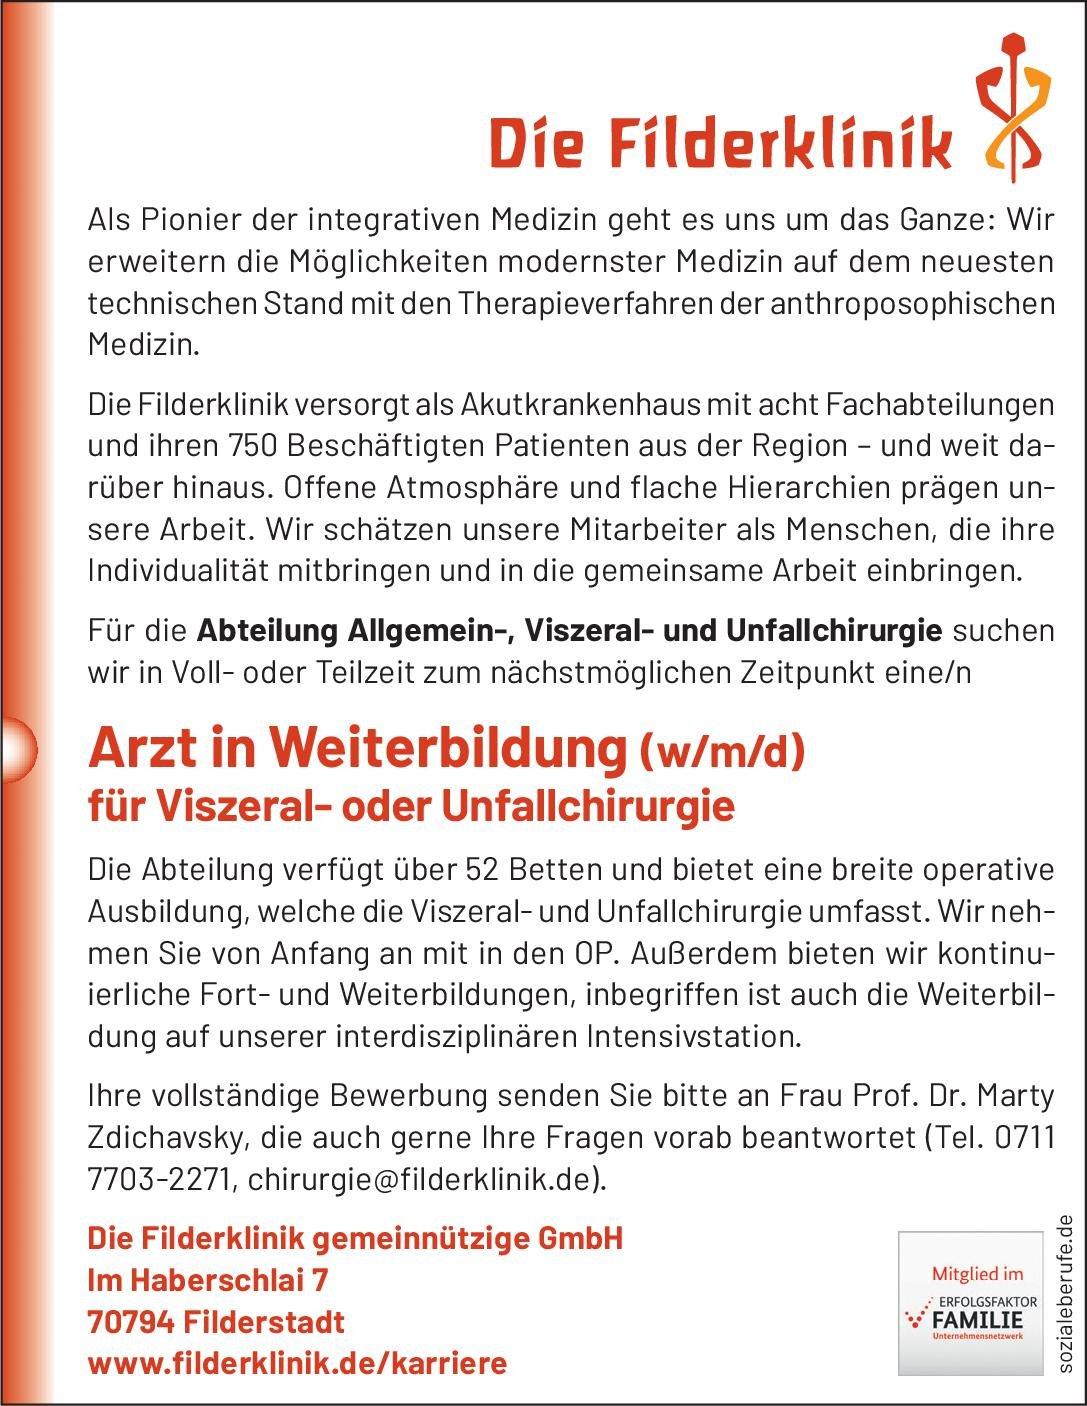 Die Filderklinik gemeinnützige GmbH Arzt in Weiterbildung (w/m/d) für Viszeral- oder Unfallchirurgie  Orthopädie und Unfallchirurgie, Viszeralchirurgie, Chirurgie Assistenzarzt / Arzt in Weiterbildung